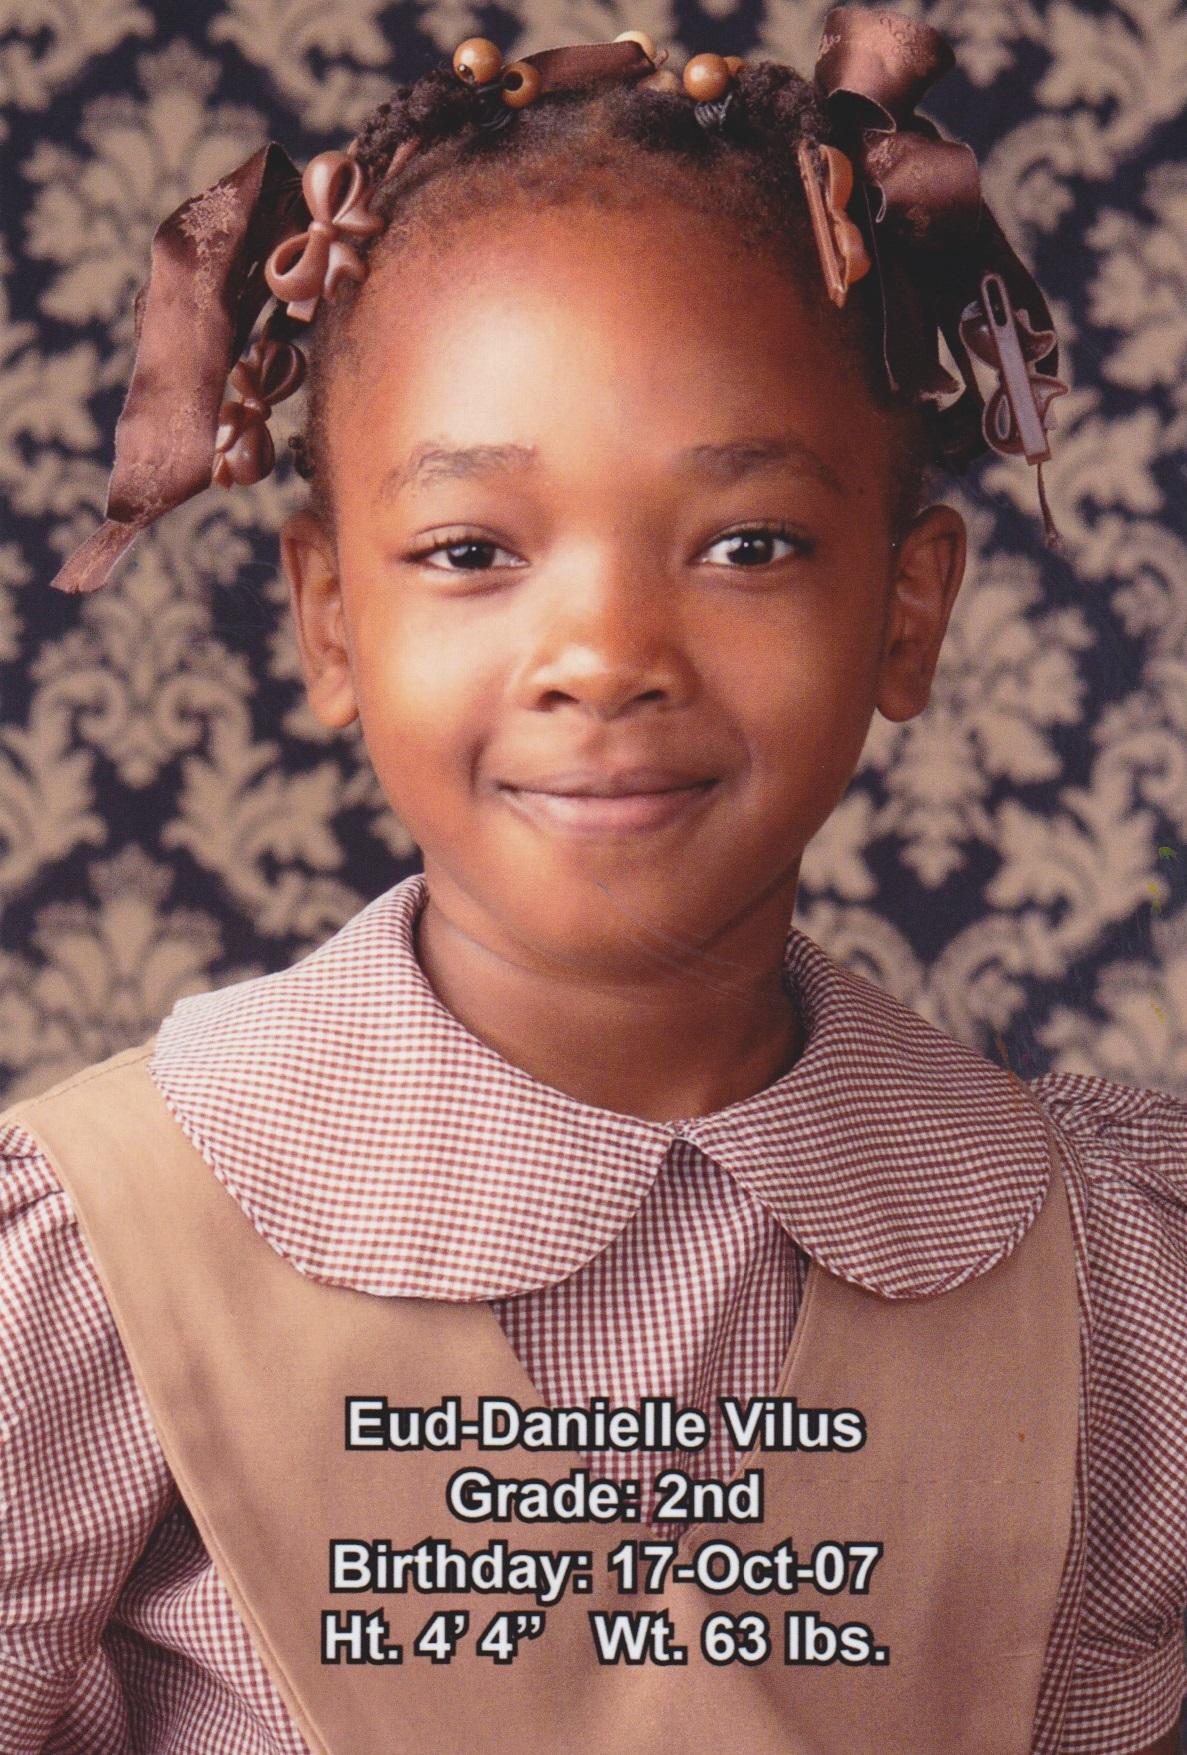 Eud-Danielle-Vilus